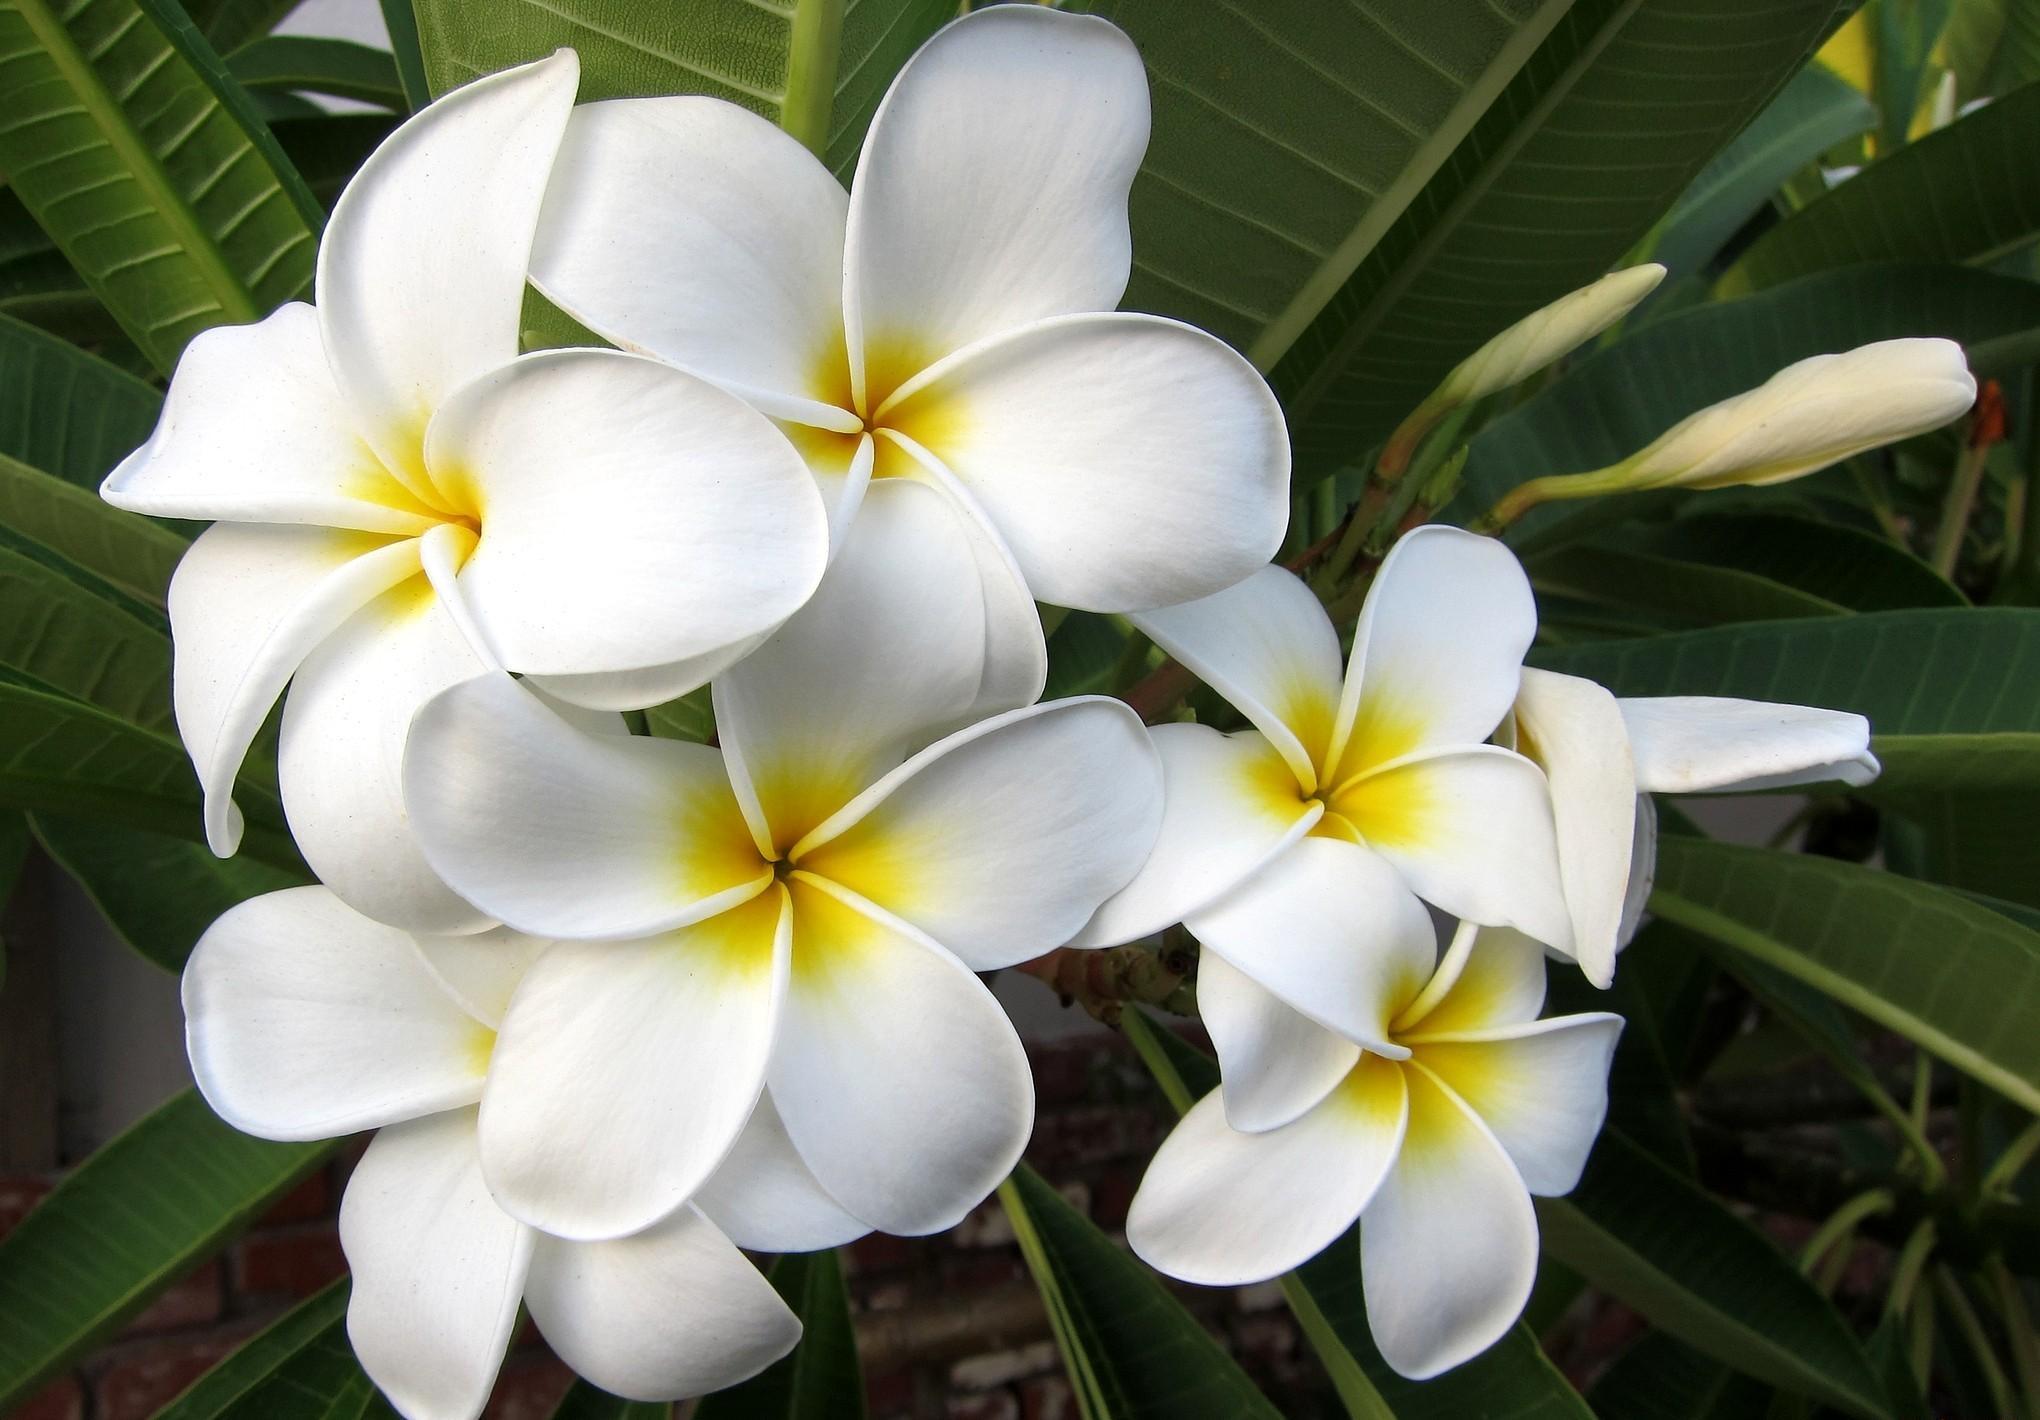 114235 скачать обои Цветы, Плюмерия, Цветение, Листья, Экзотика - заставки и картинки бесплатно